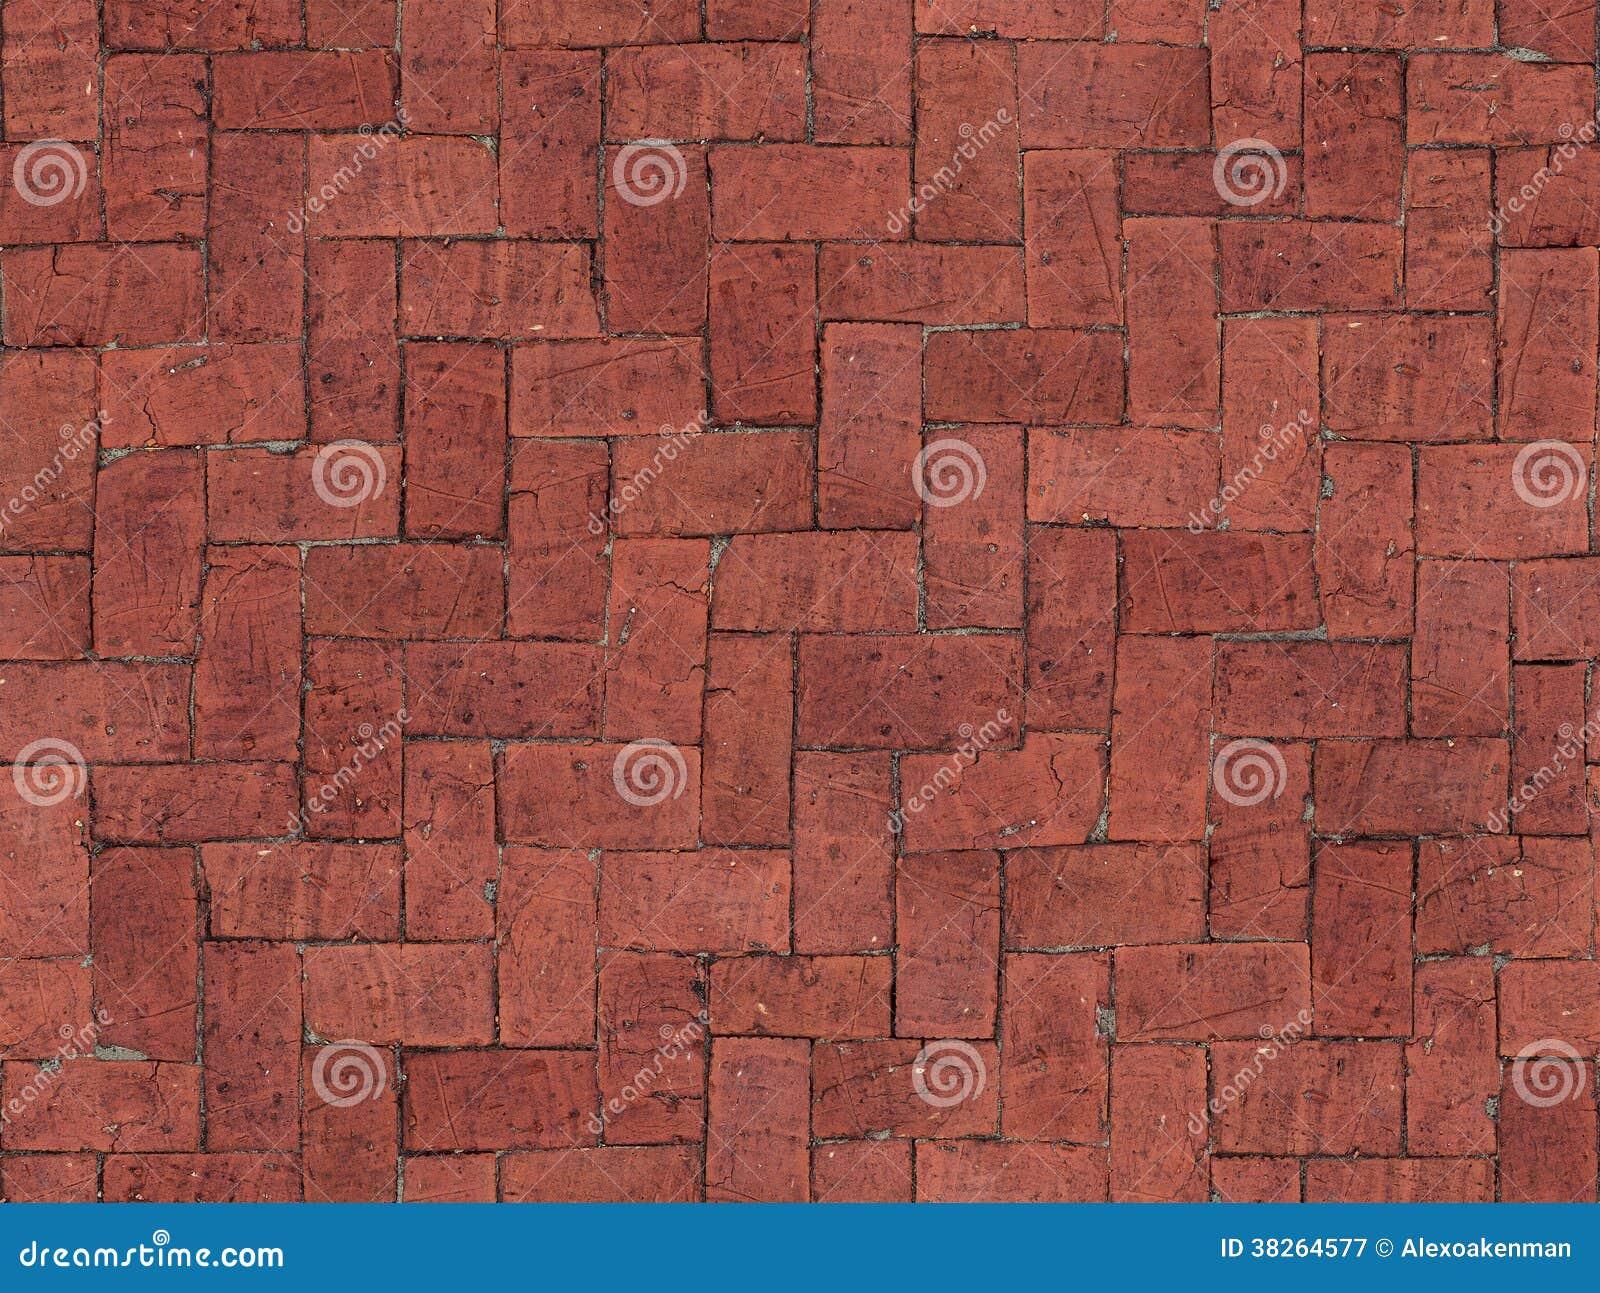 Sans probl me carrelage de la texture de plancher de for Carrelage imitation brique rouge